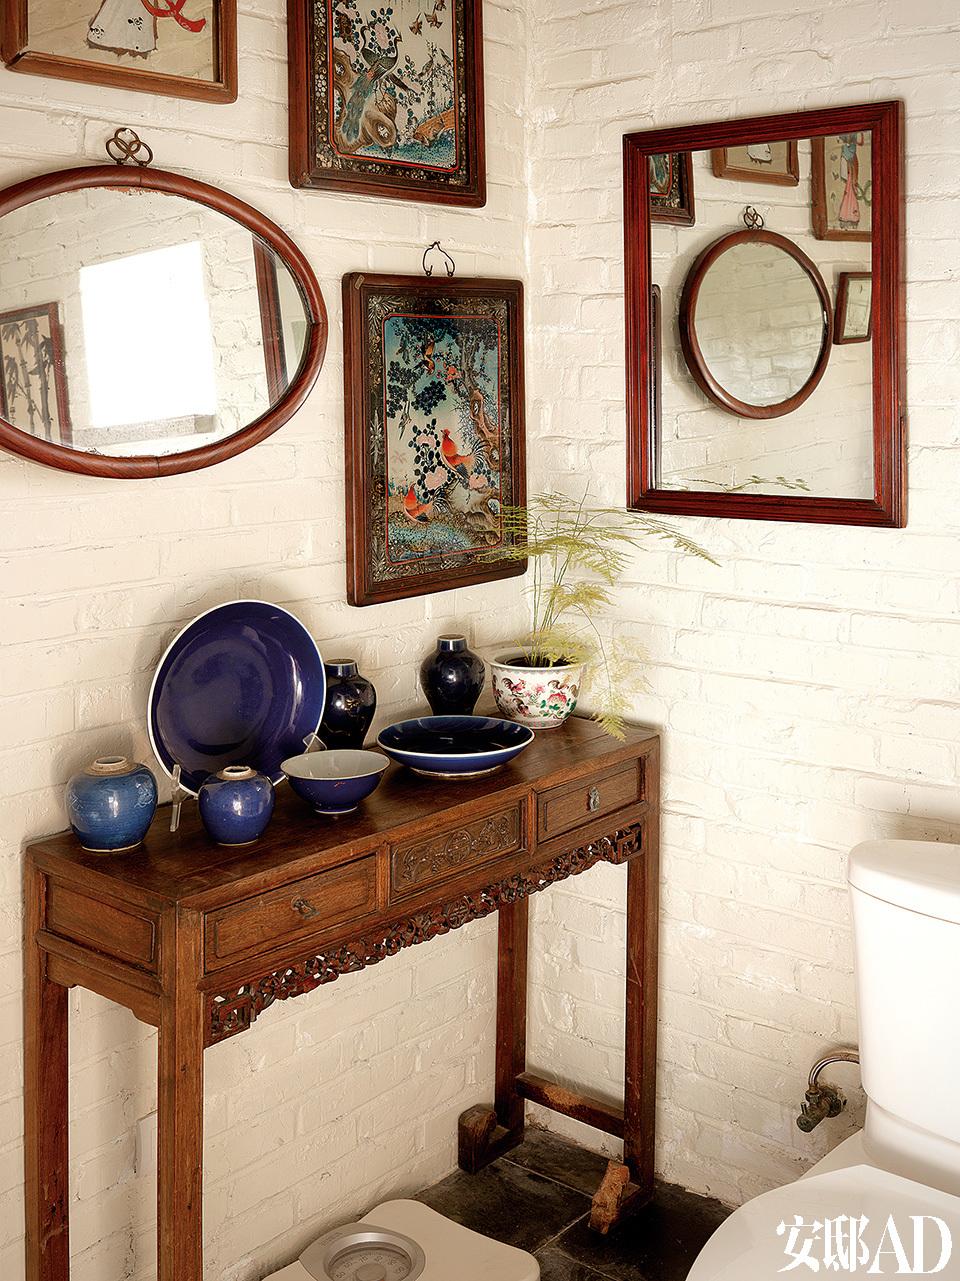 萨洋很喜欢收藏镜子,洗手间里的墙壁上挂了各种形状和大小的镜子。